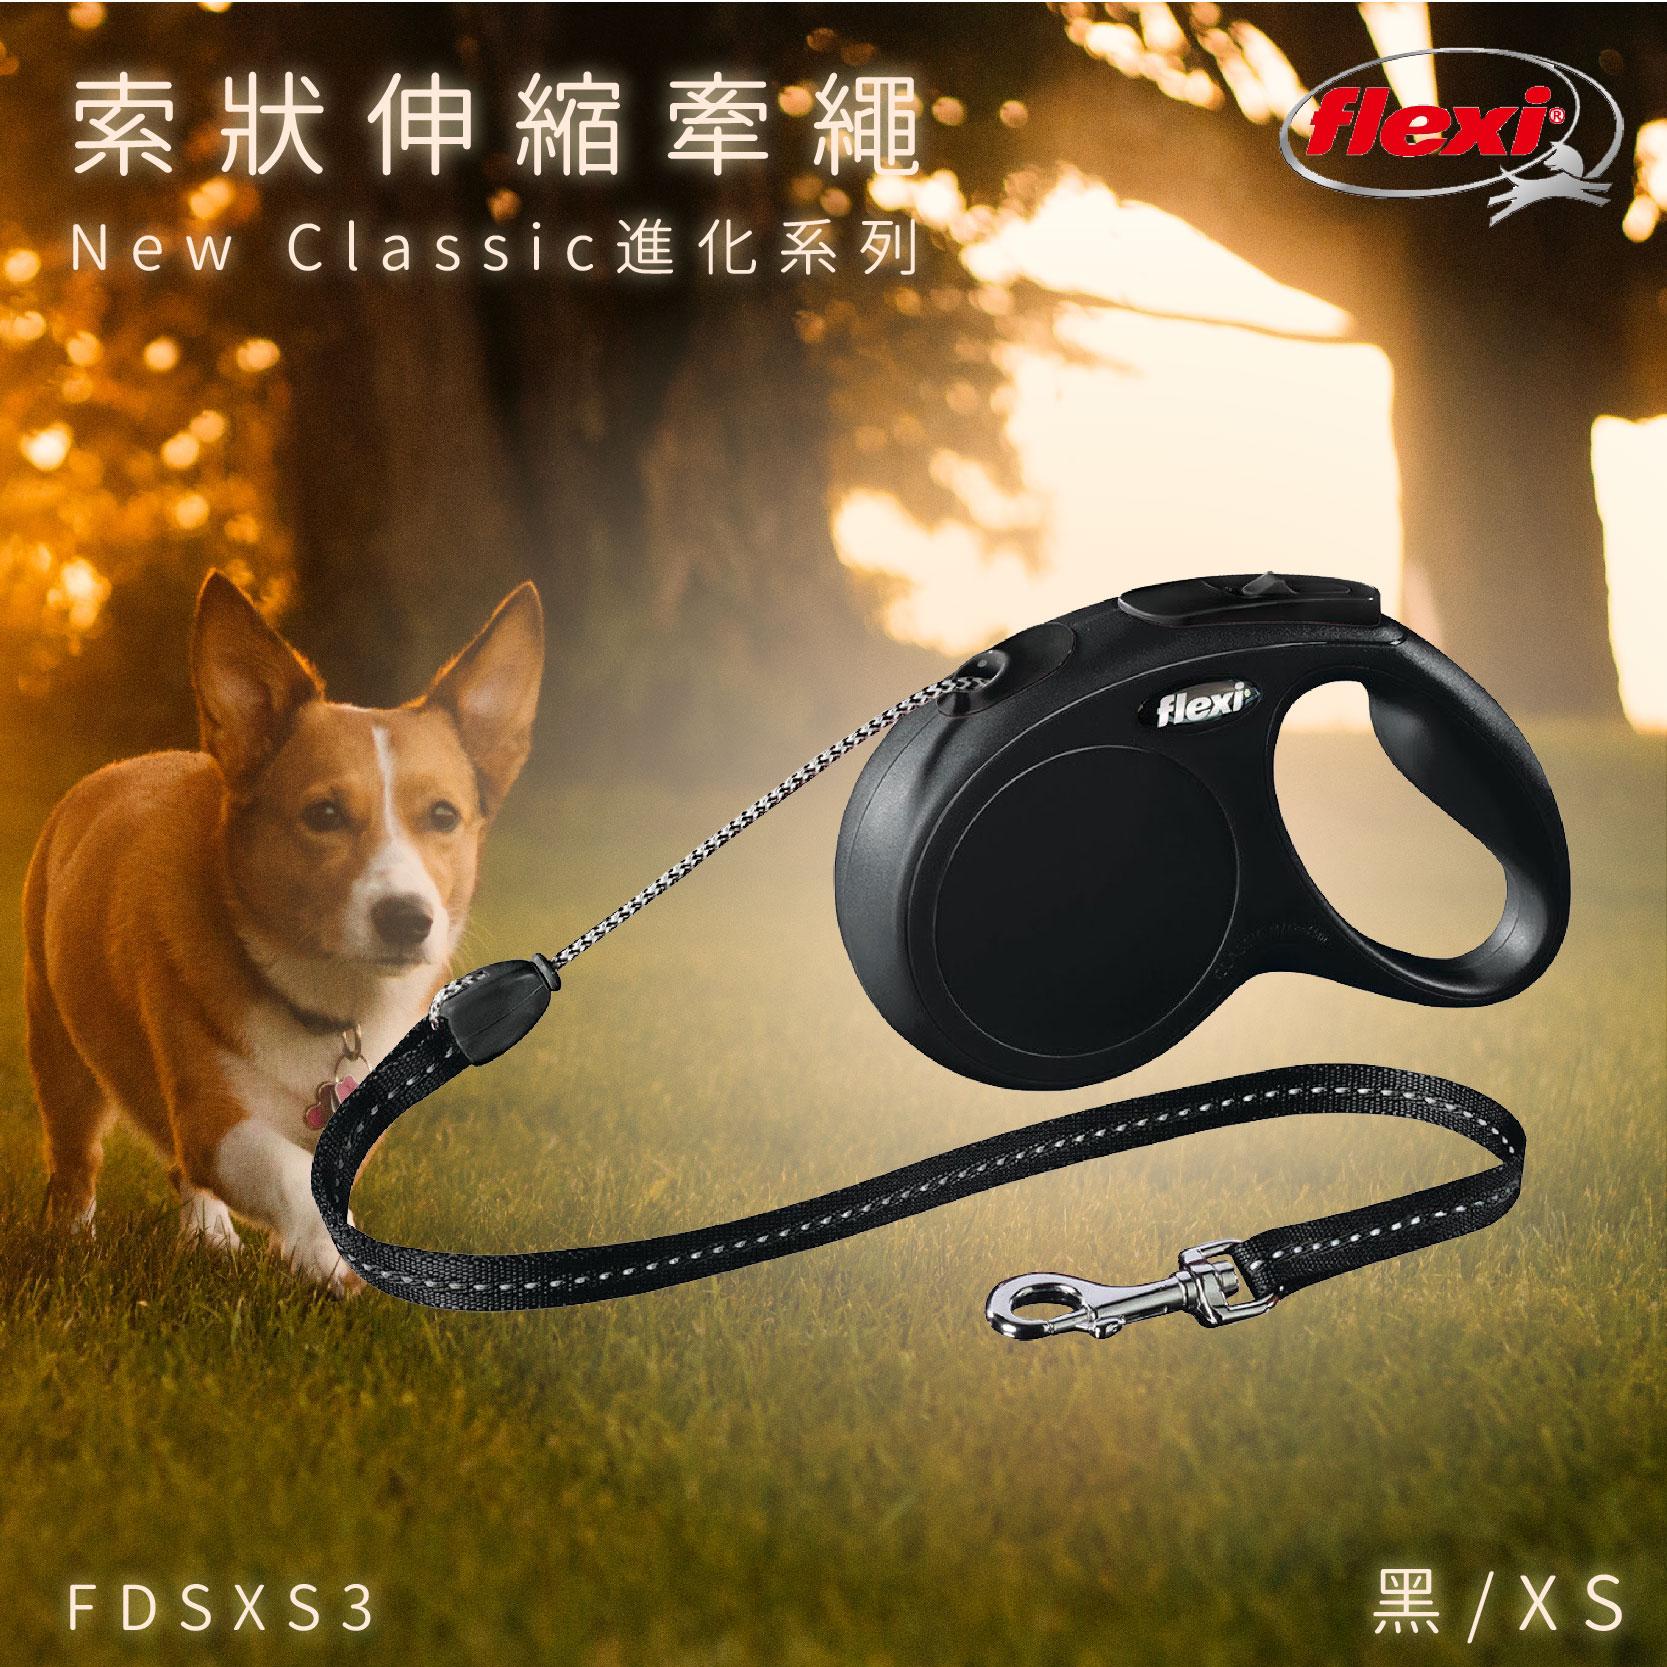 Flexi 索狀寵物牽繩 黑XS FDSXS3 進化系列 舒適握把 狗貓 外出用品 寵物用品 寵物牽繩 德國製